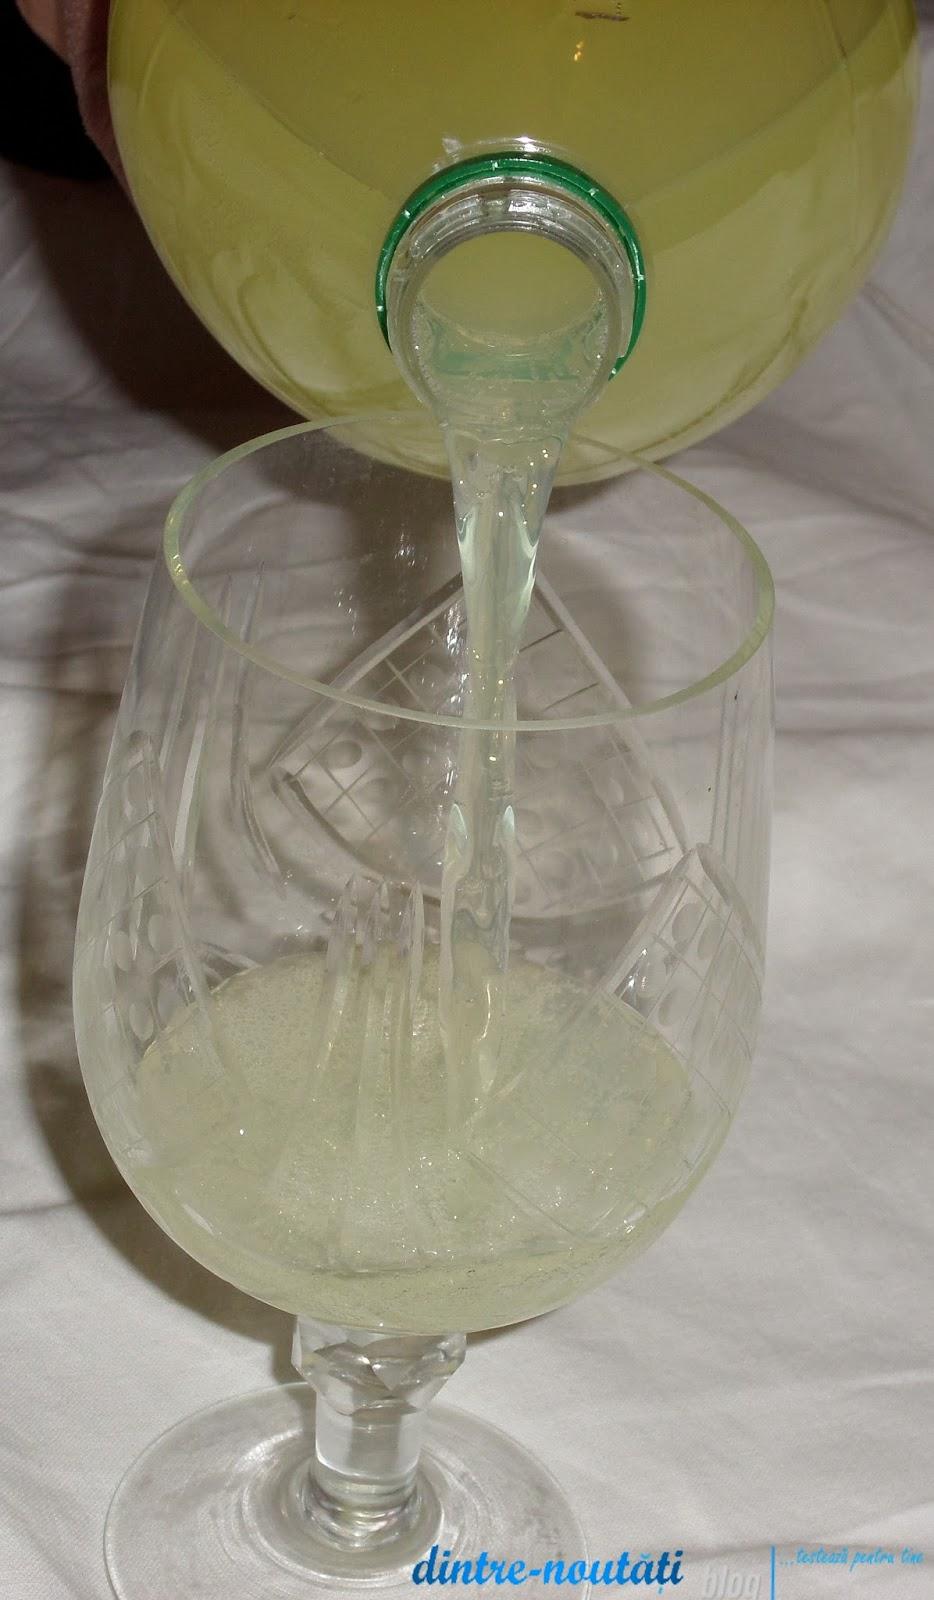 Băutură răcoritoare carbogazoasă cu suc concentrat de pere